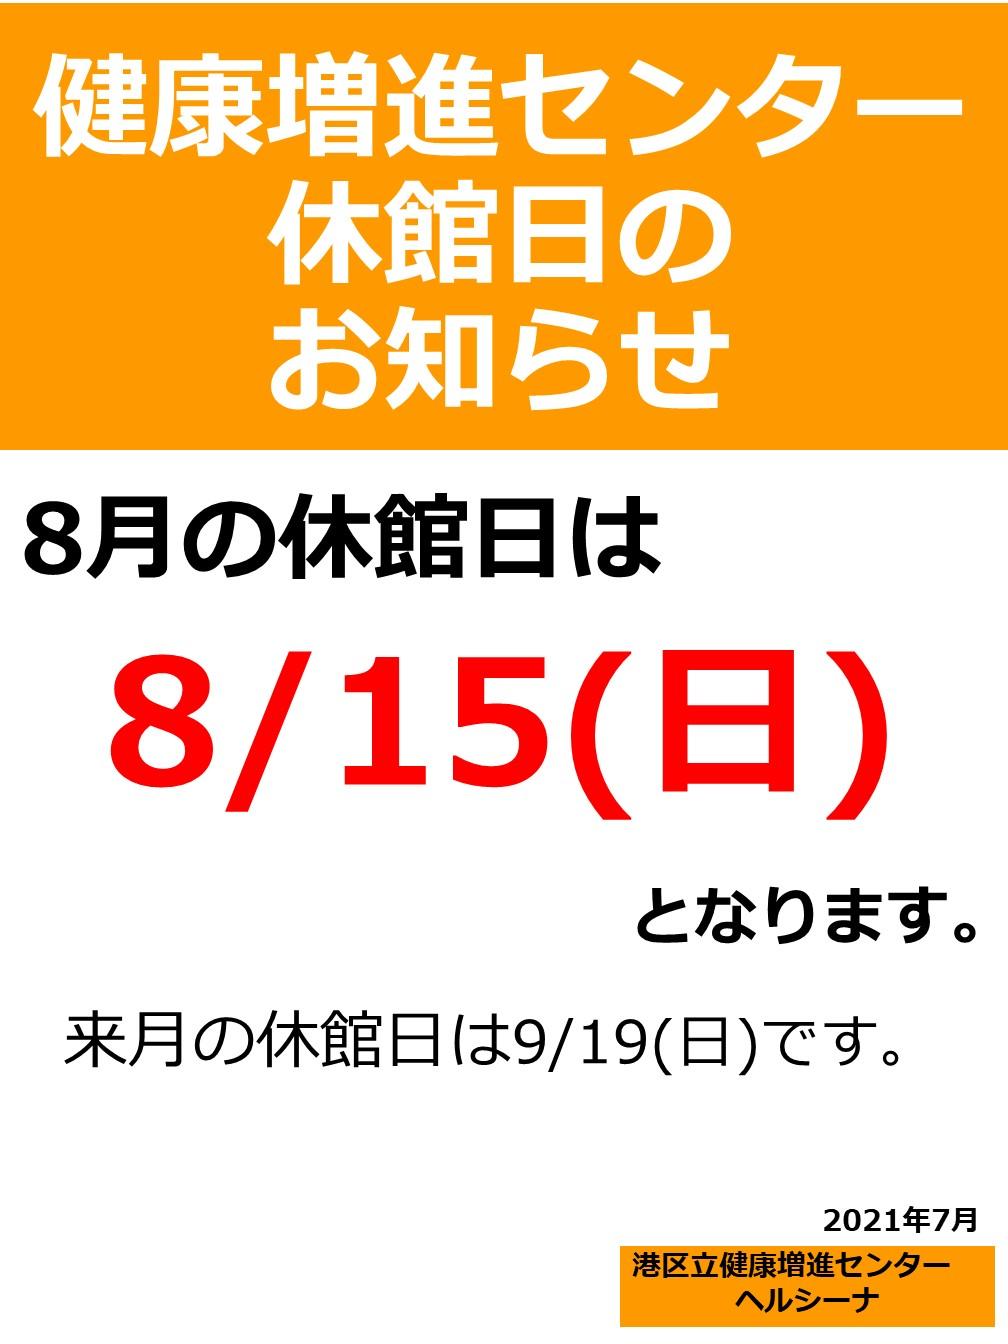 (掲示)(施設)休館日のおしらせ202108.jpg